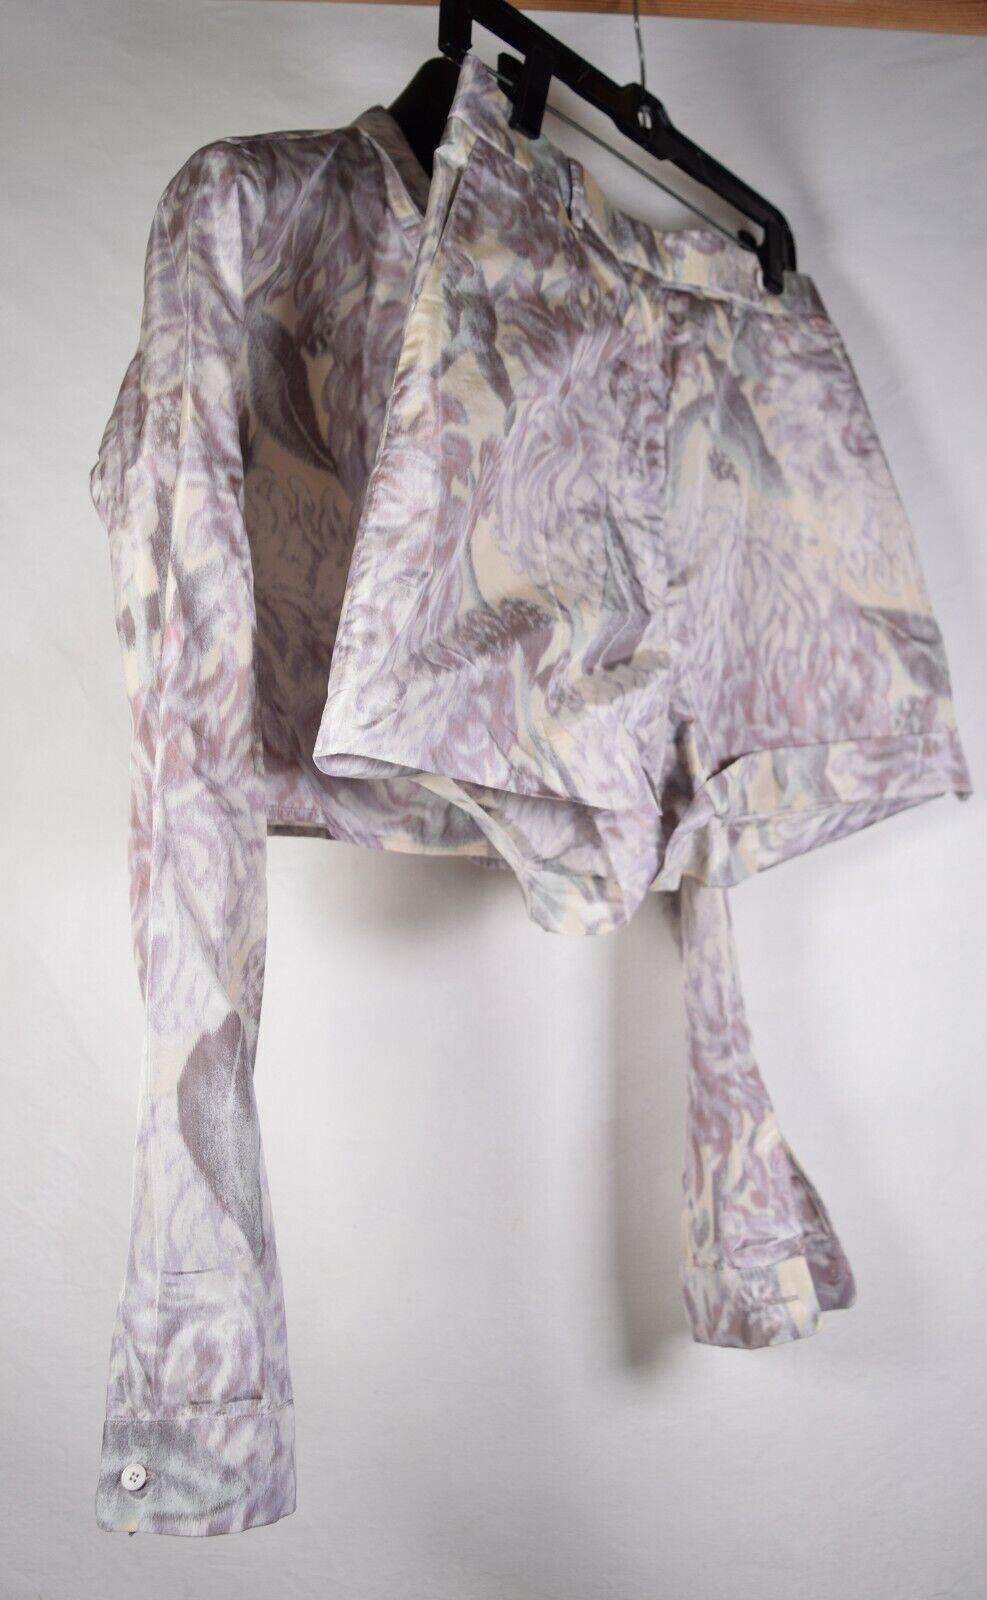 Rochas Camisa De Vestir Manga Larga cultivo Floral Púrpura  Plisado Pantalones Cortos Set 40 para mujer Italia  promociones de equipo